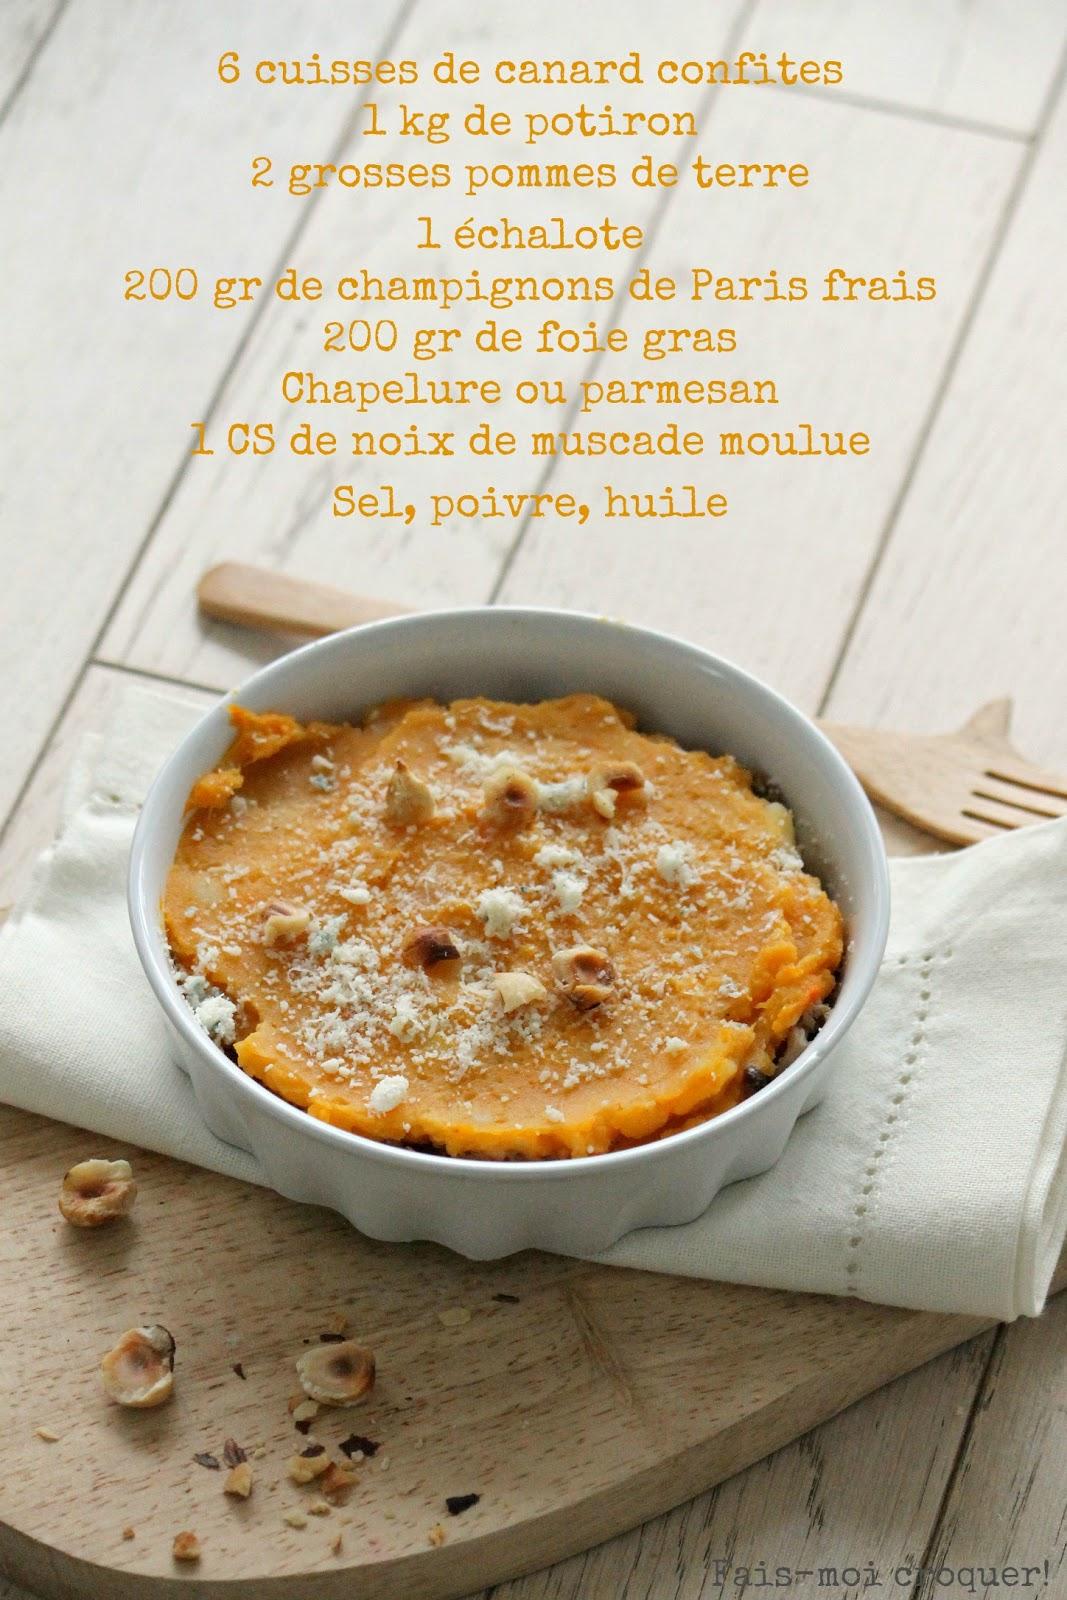 Fais moi croquer parmentier de potiron canard confit - Comment cuisiner des cuisses de canard ...